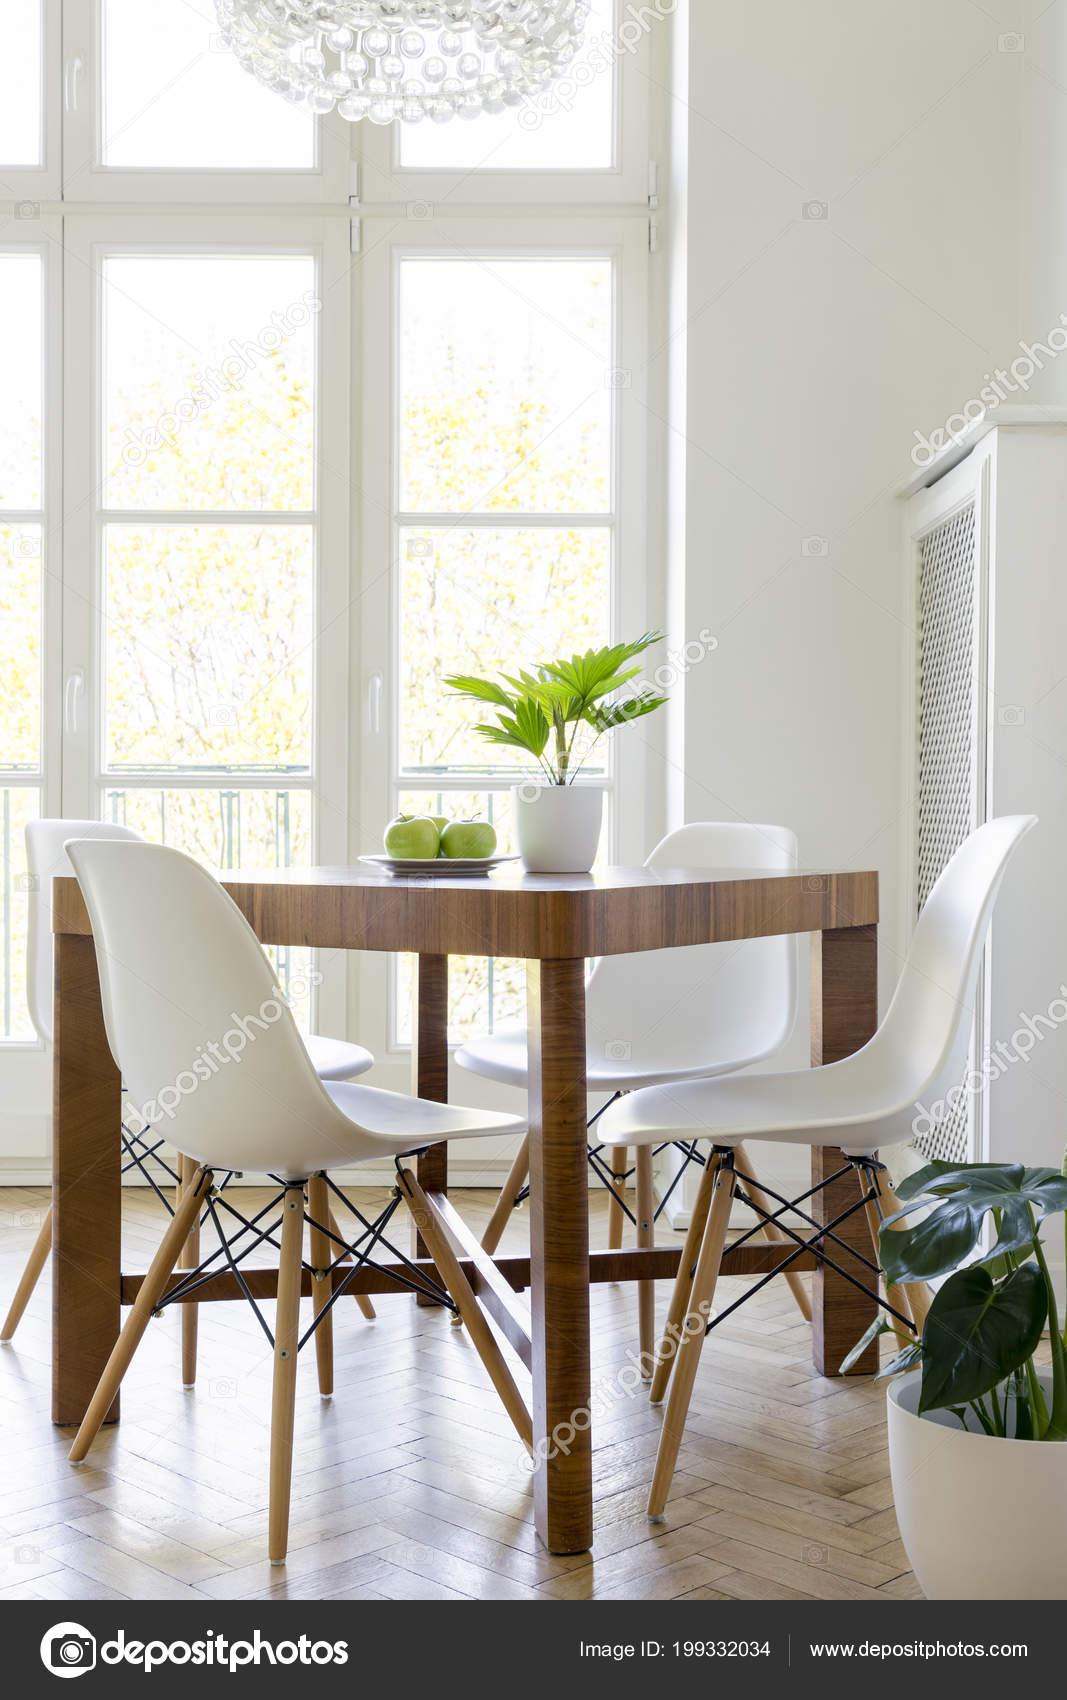 Des Blanches Plantes Intérieur Table Avec Bois Chaises Minimal Salle tCsdrxhQB